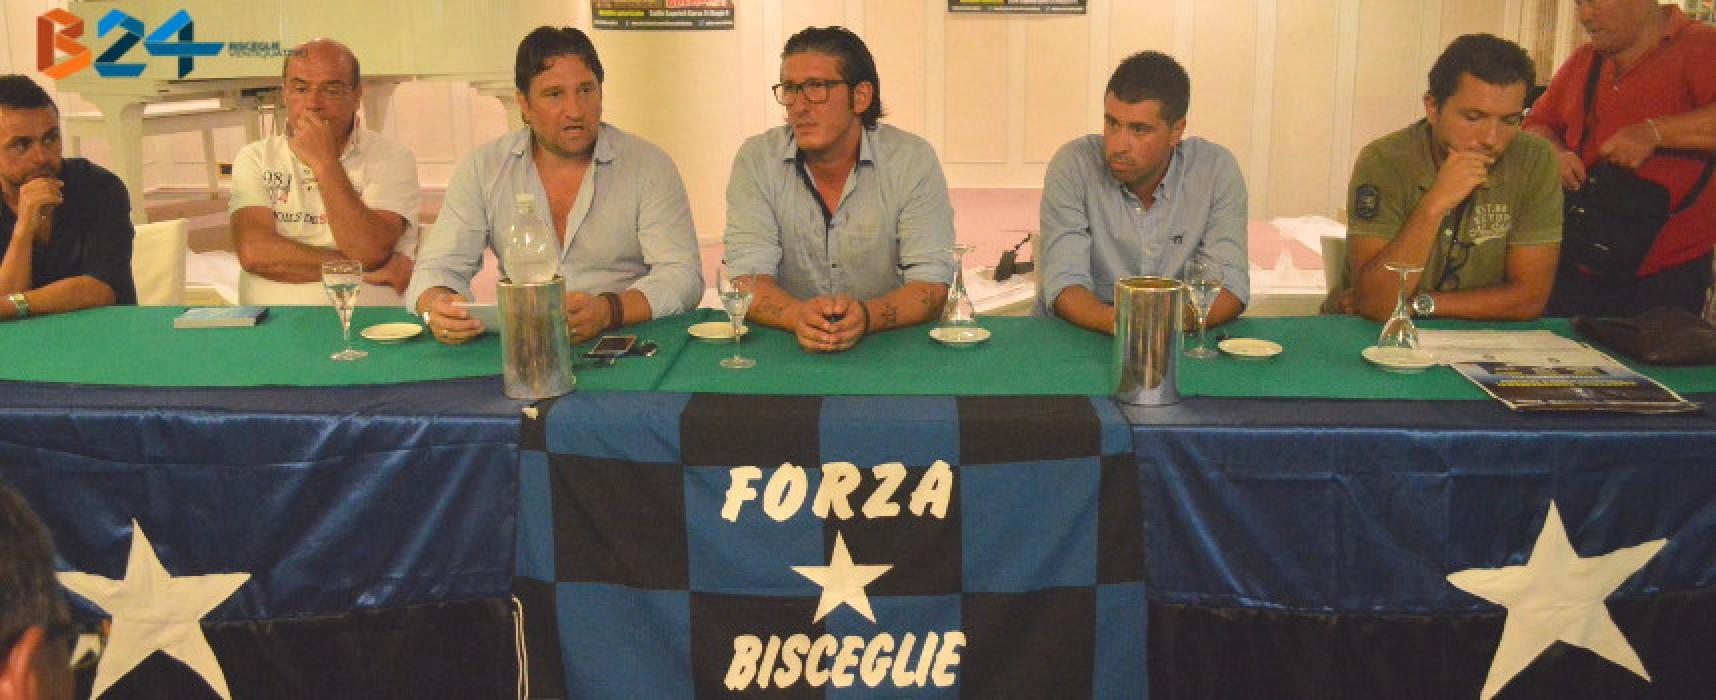 Crisi Bisceglie calcio, la squadra chiede un incontro urgente con il sindaco Spina